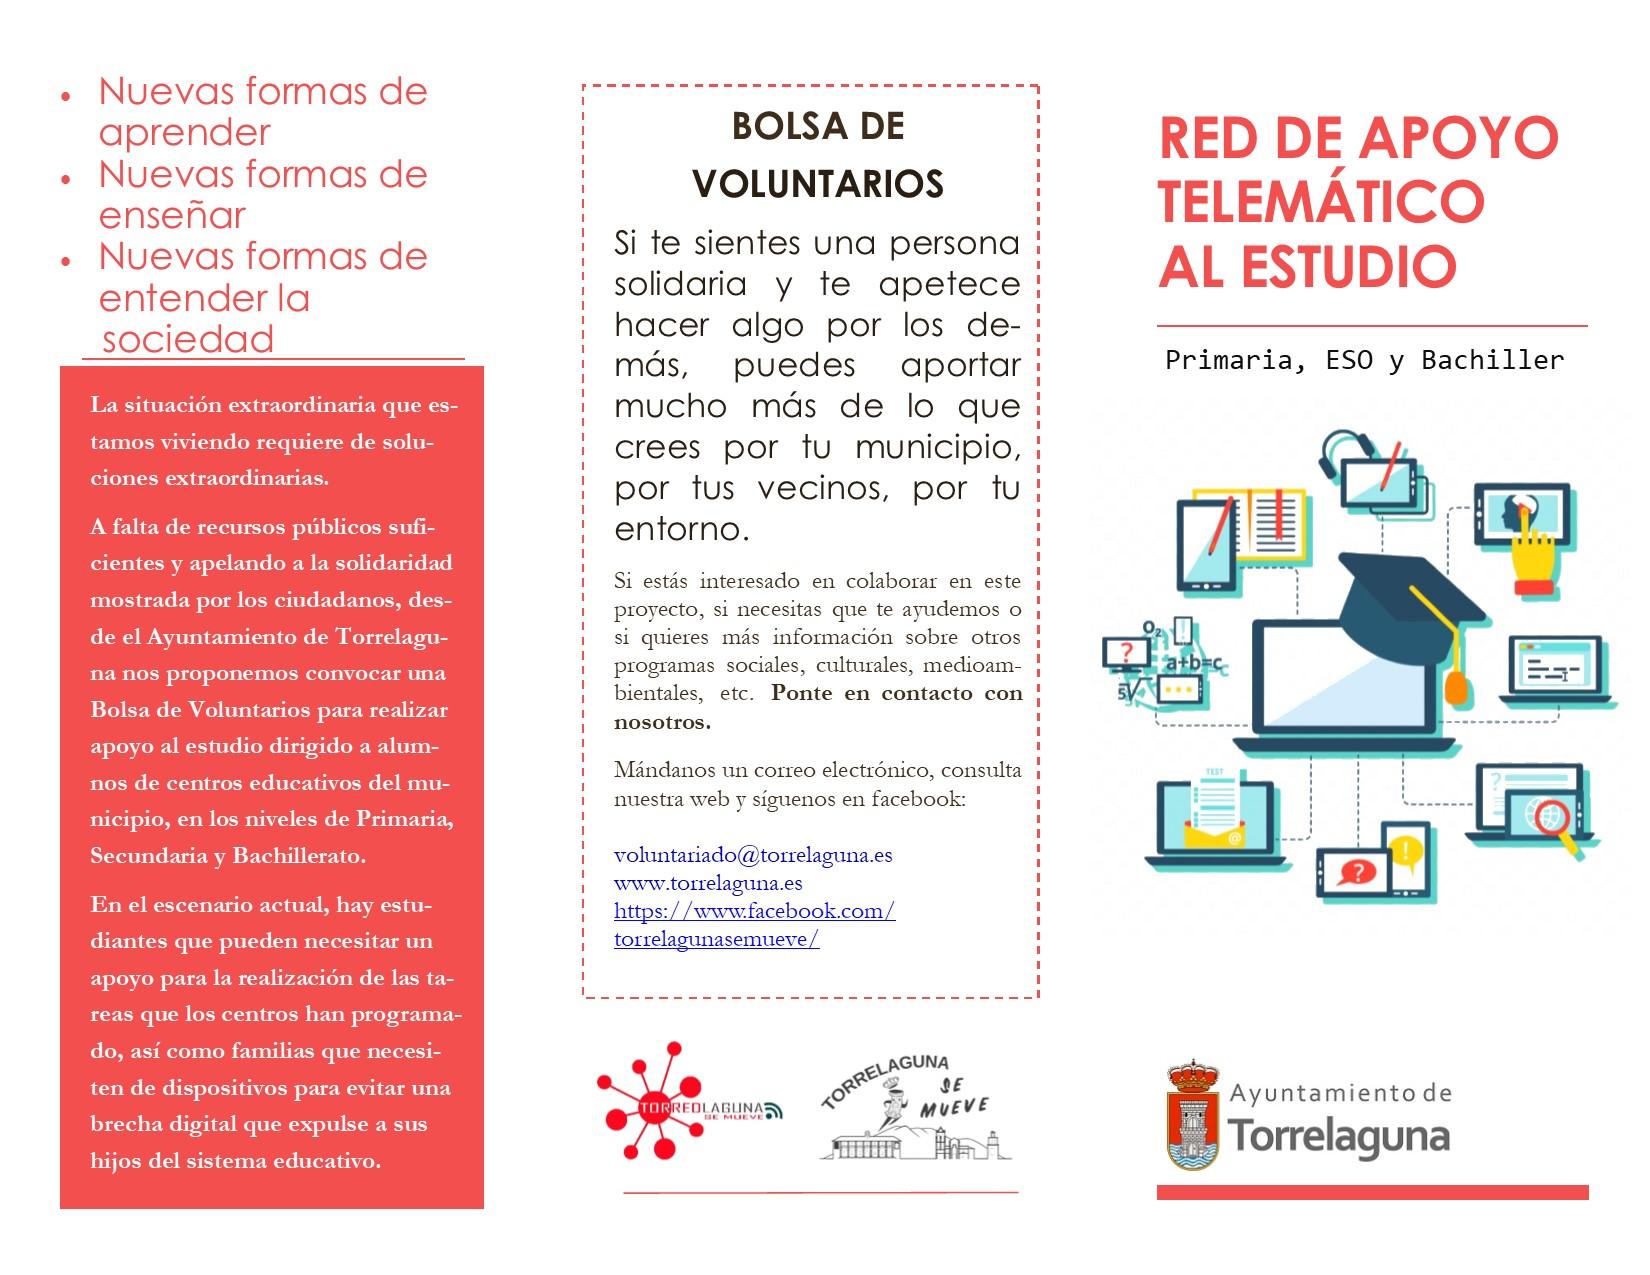 RED DE APOYO TELEMÁTICO AL ESTUDIO